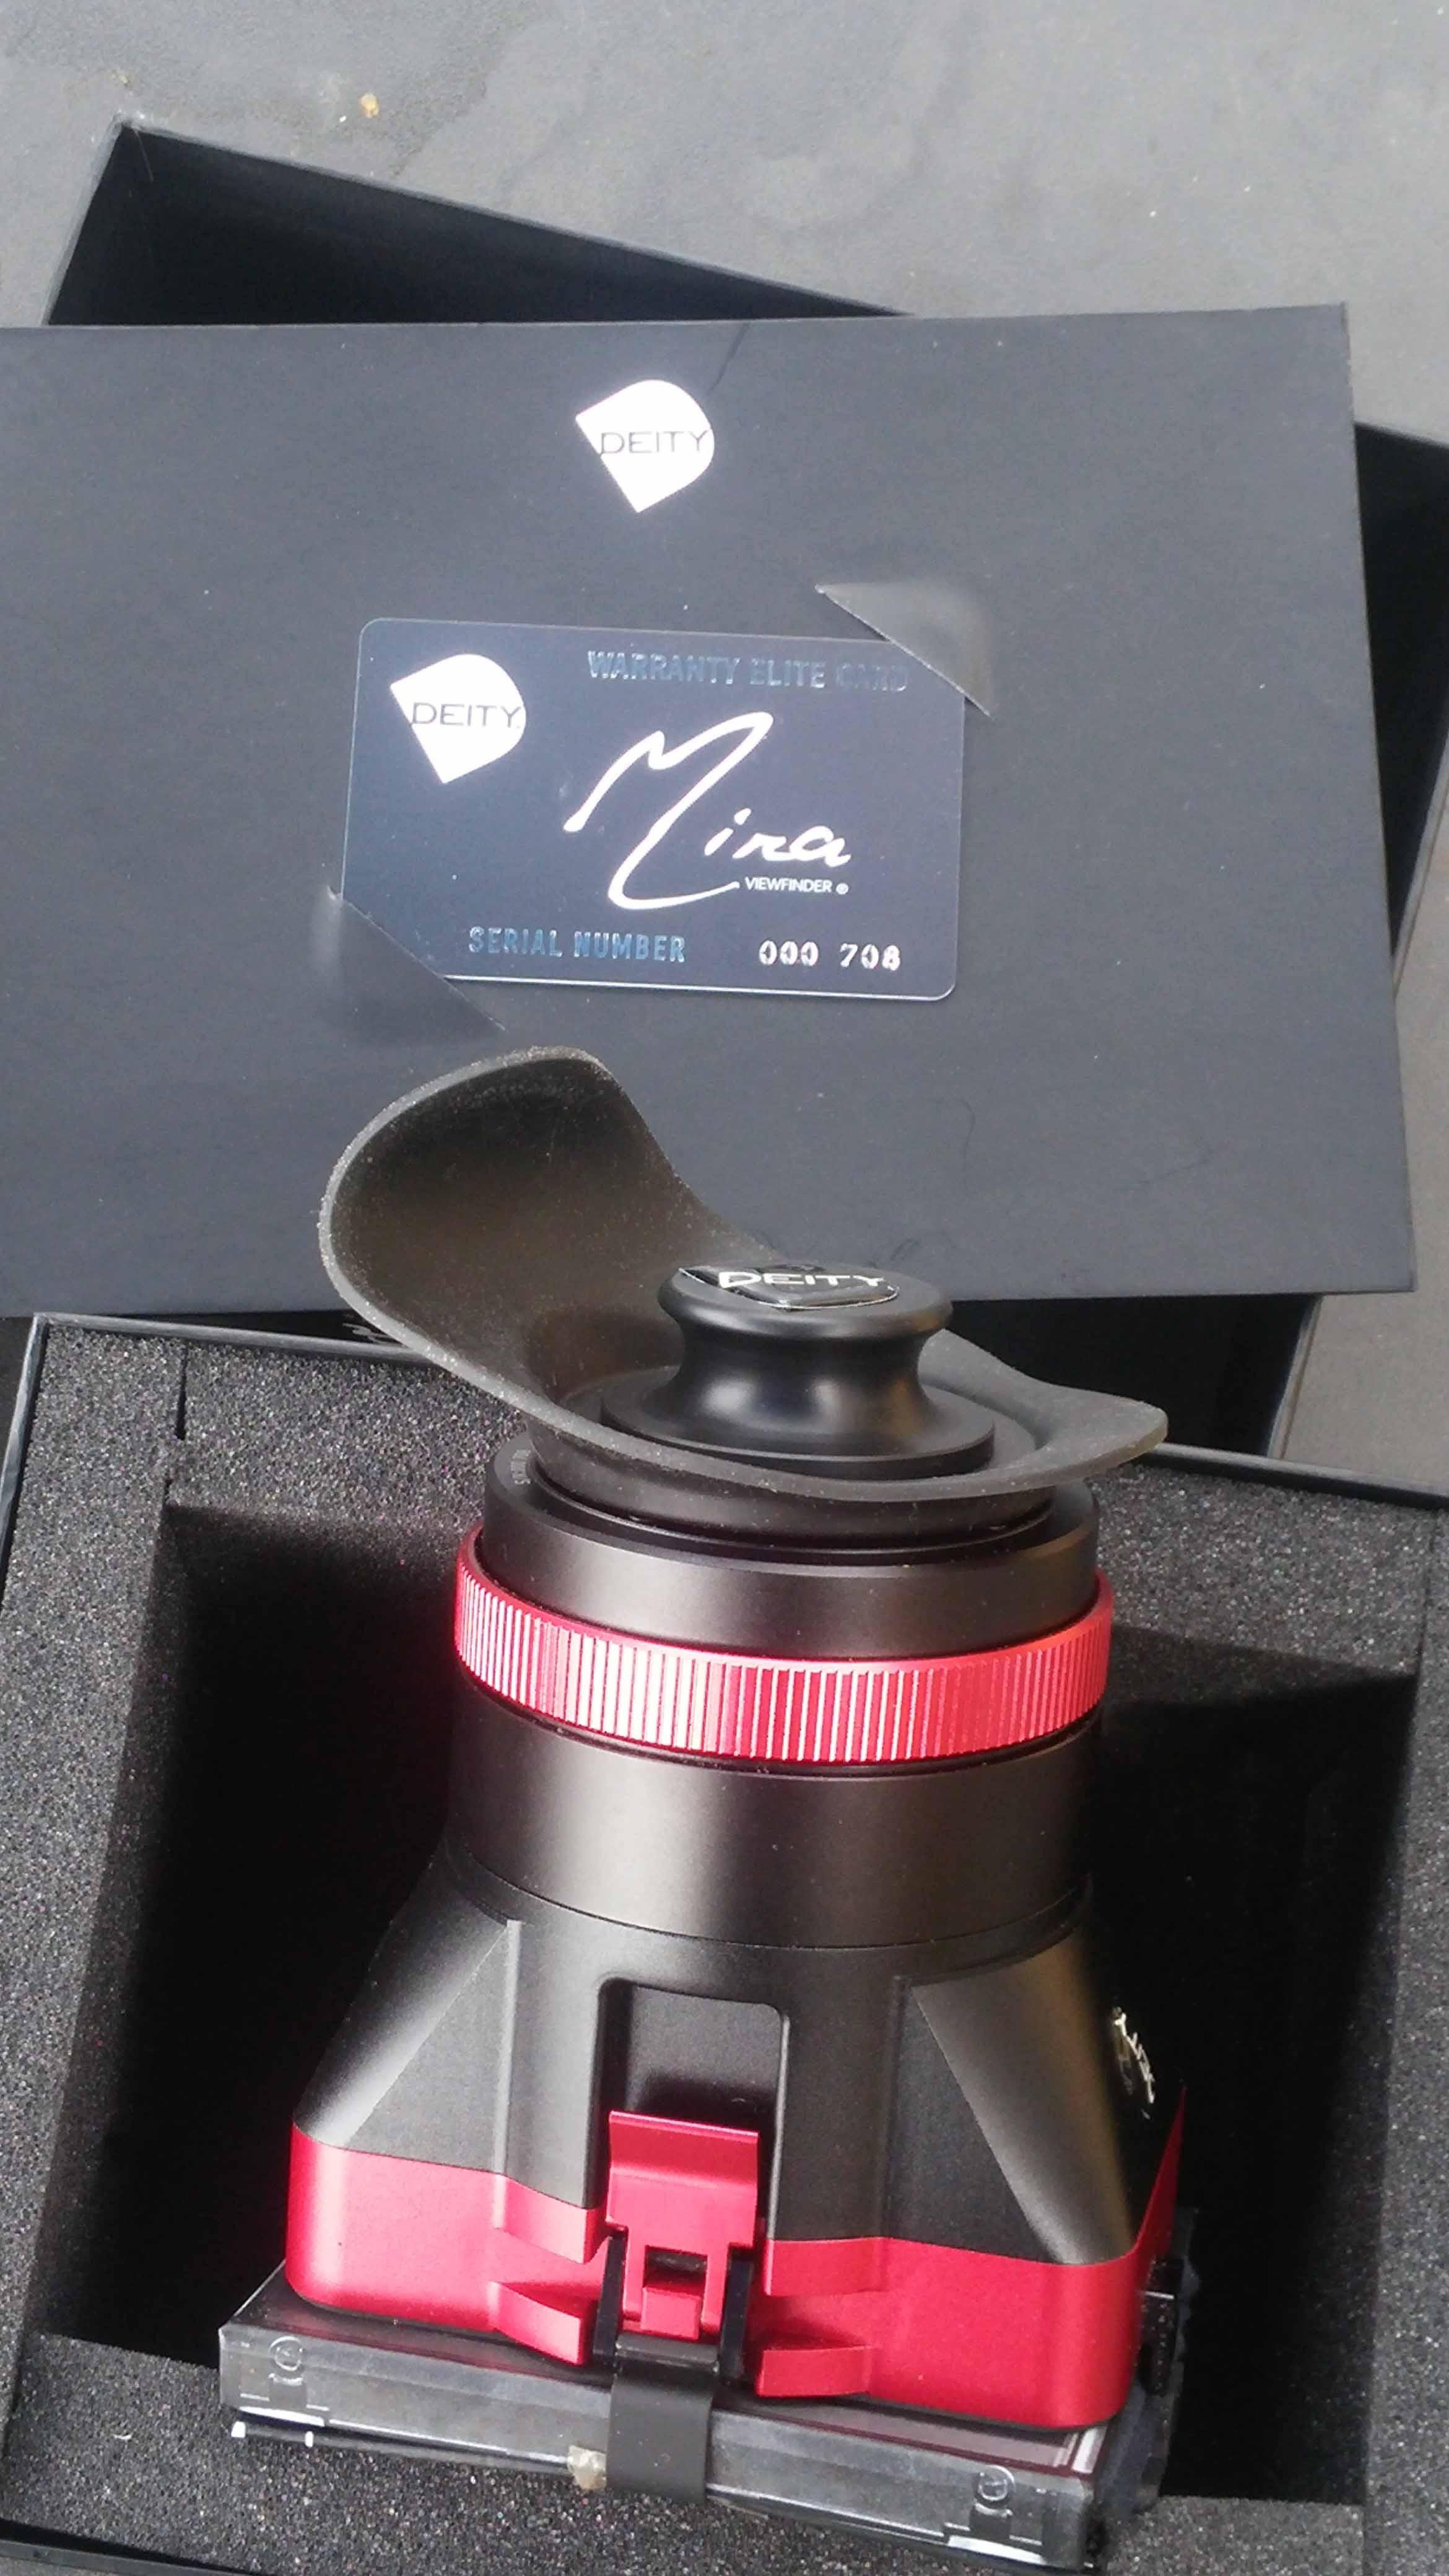 viseur deity pour canon C300 C 500